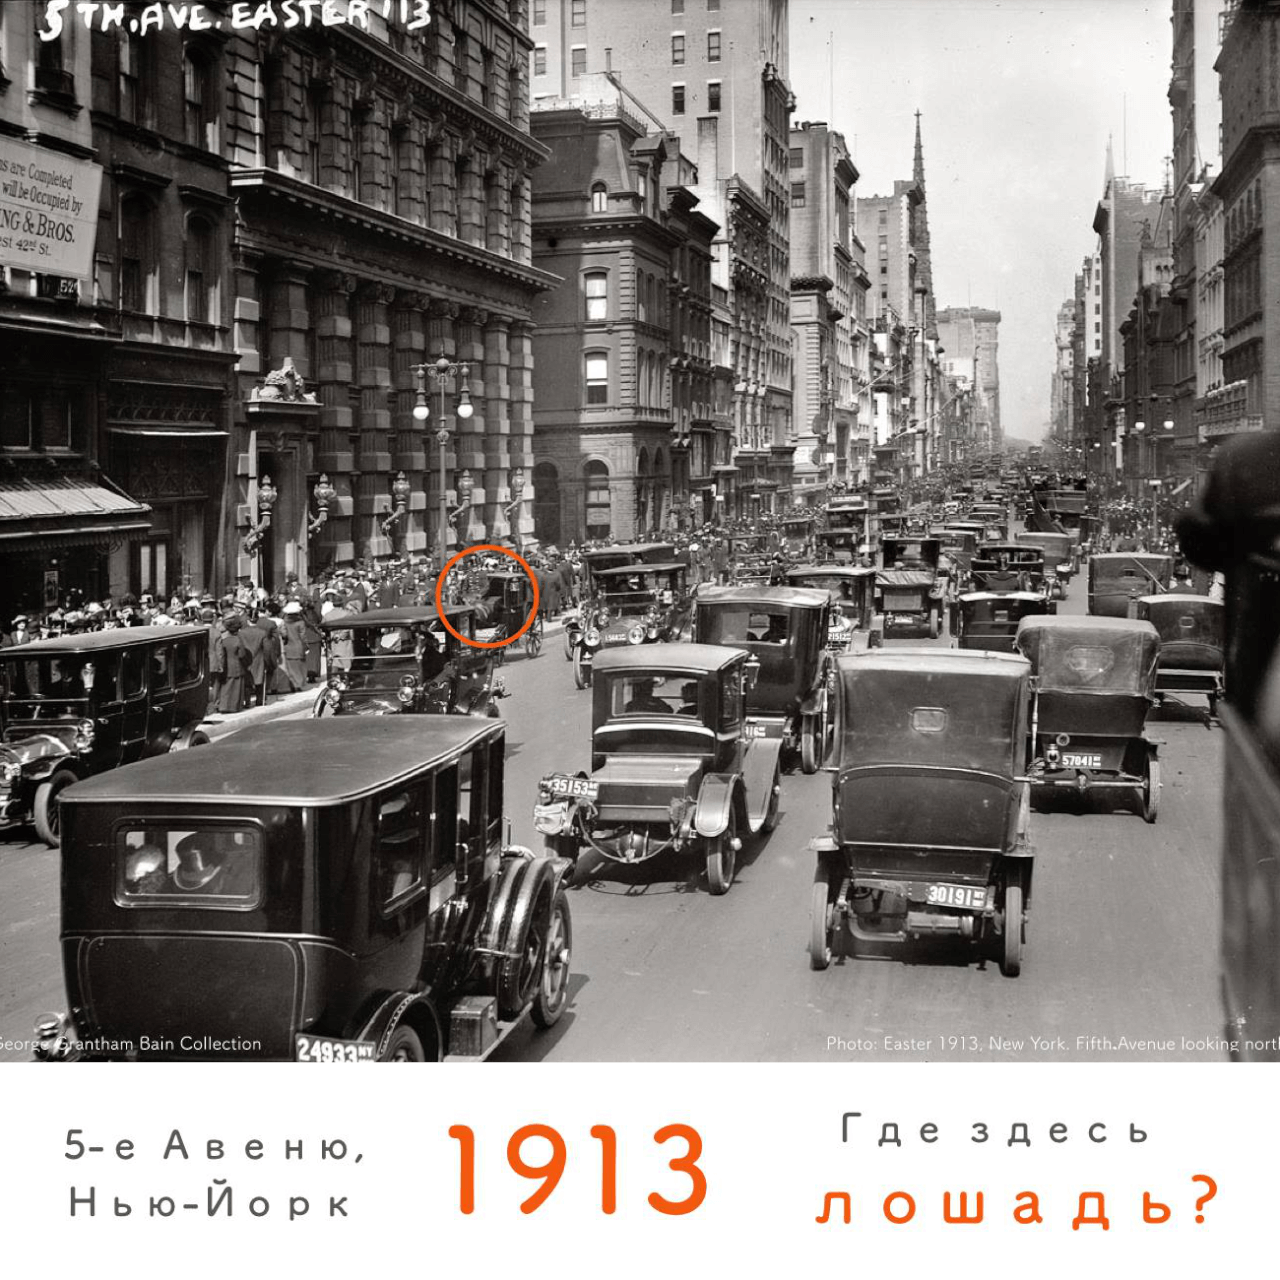 5 авеню в Нью-Йорке в 1913 году - где тут лошадь?